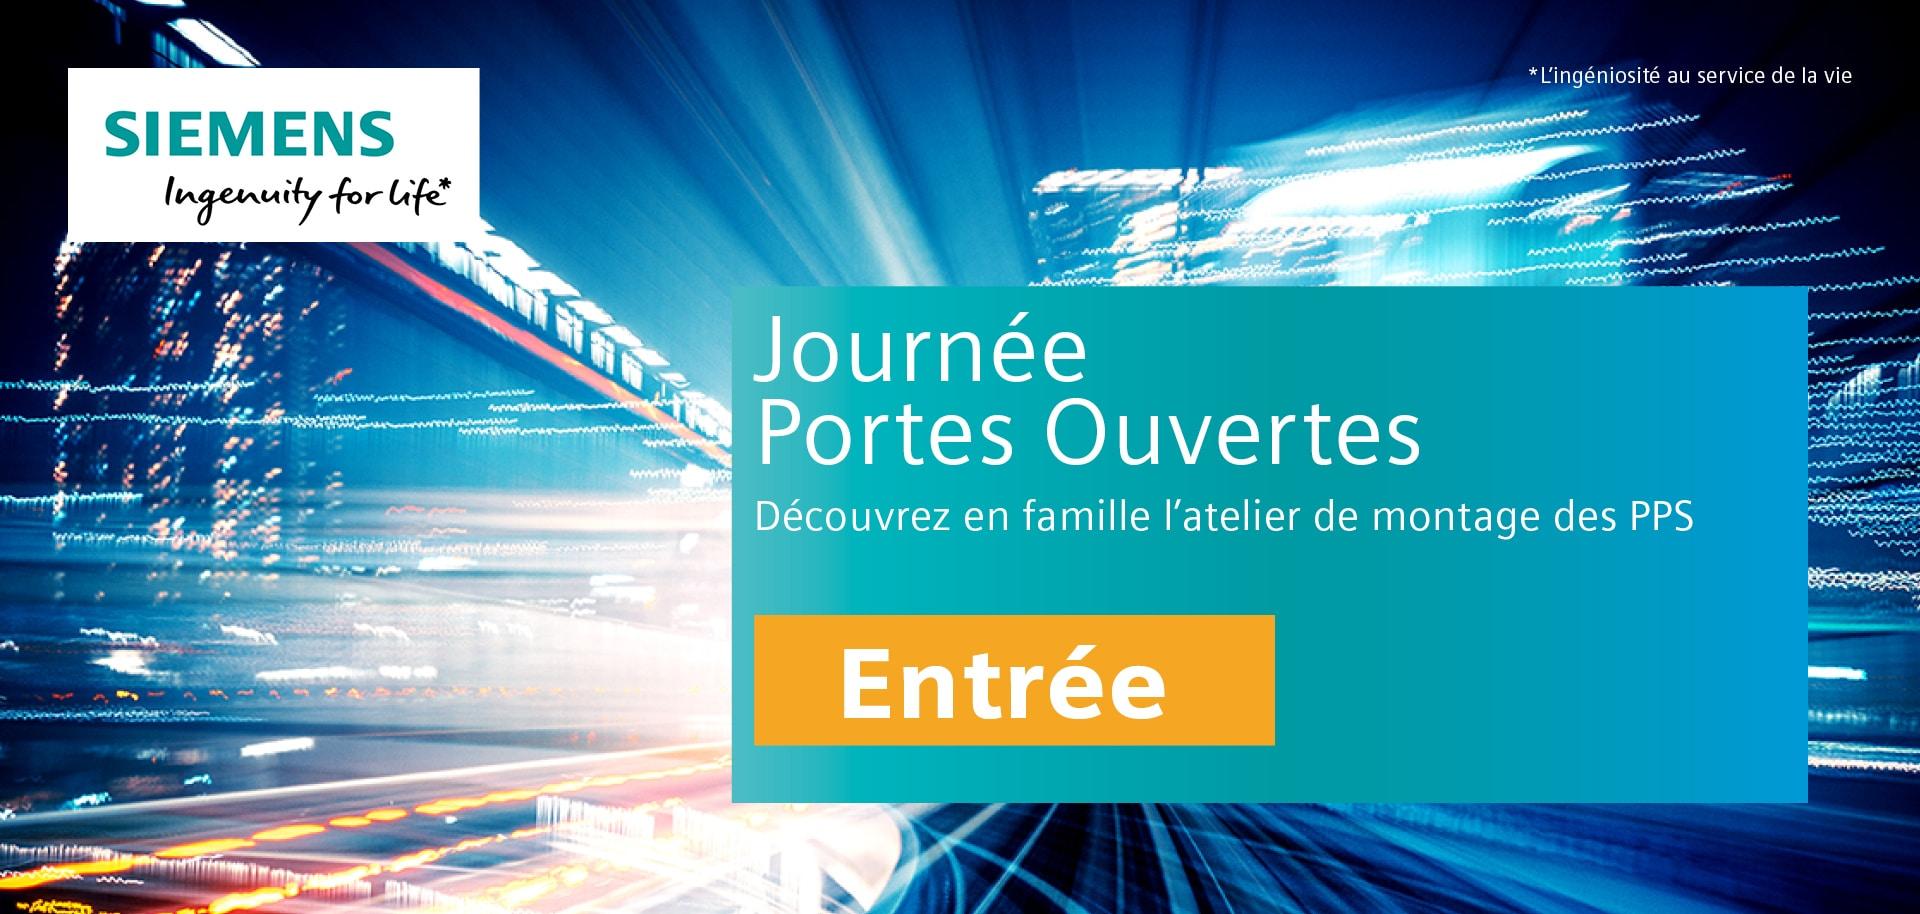 Imaé_Objectif du client_Agence_communication_evenementielle_Lyon